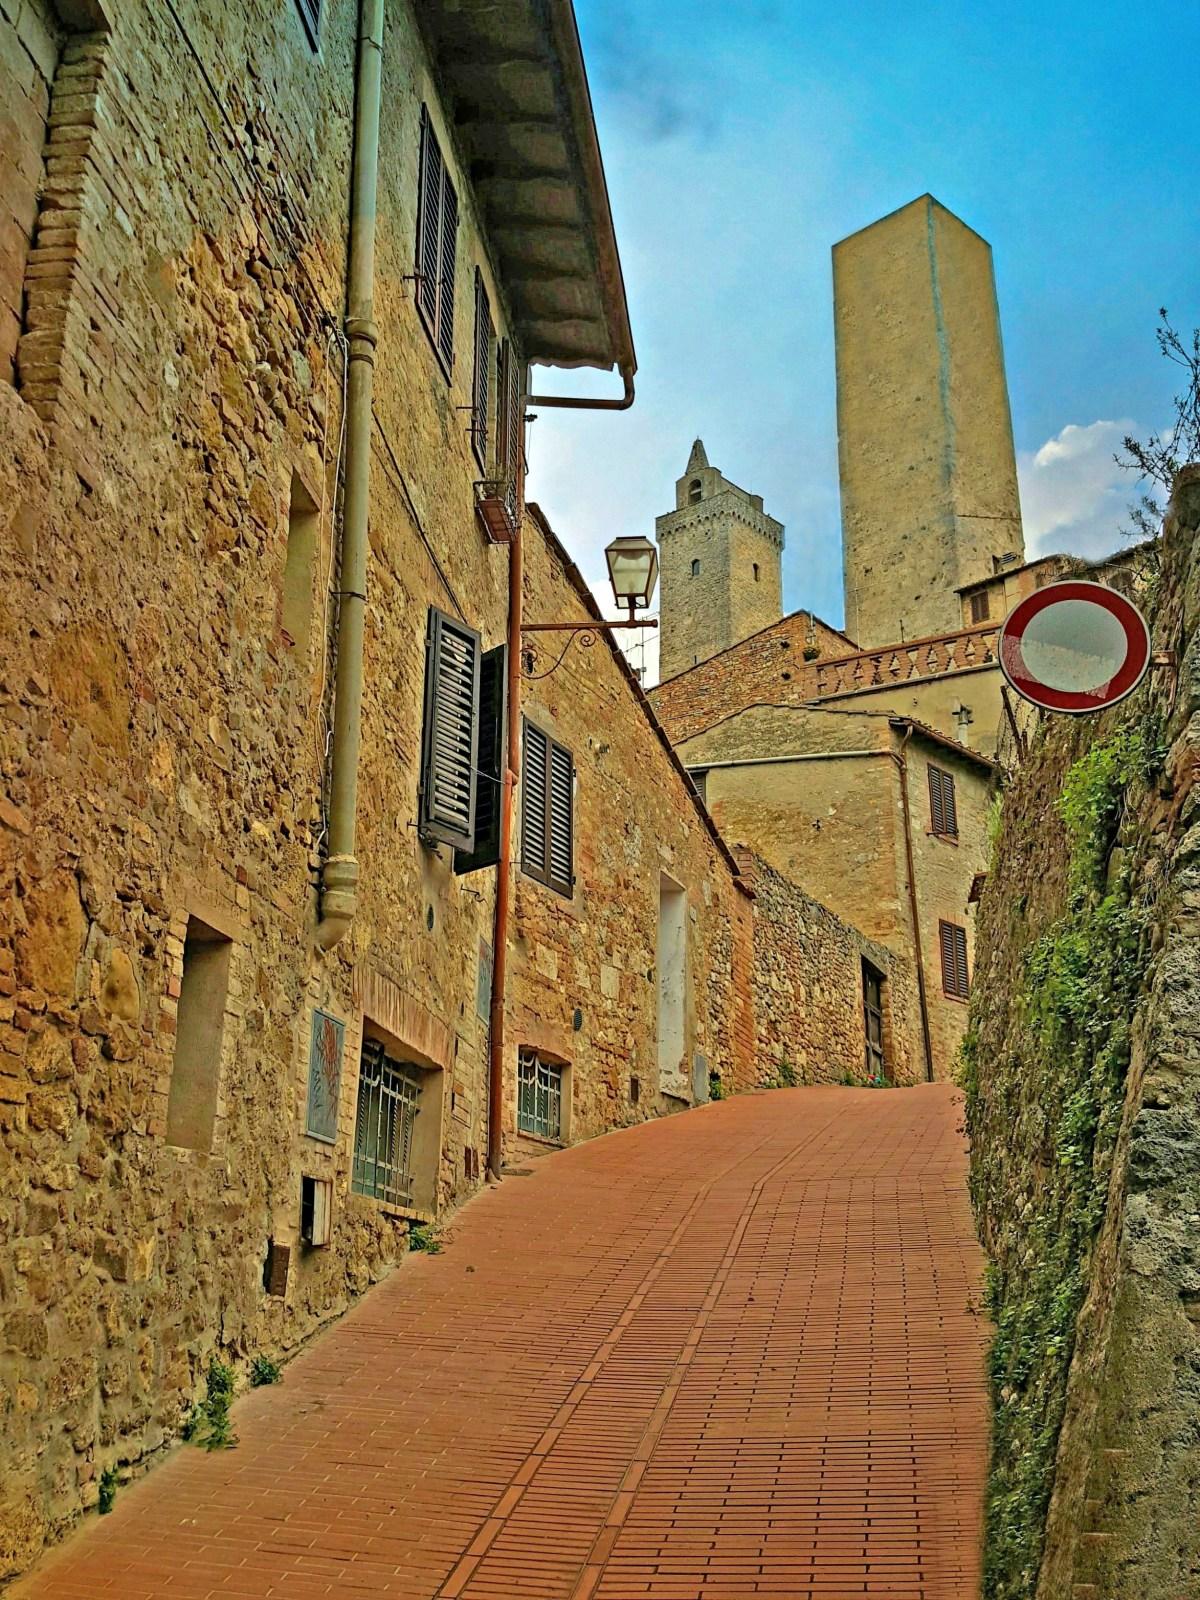 San Gimignano in the Chianti region of Tuscany.